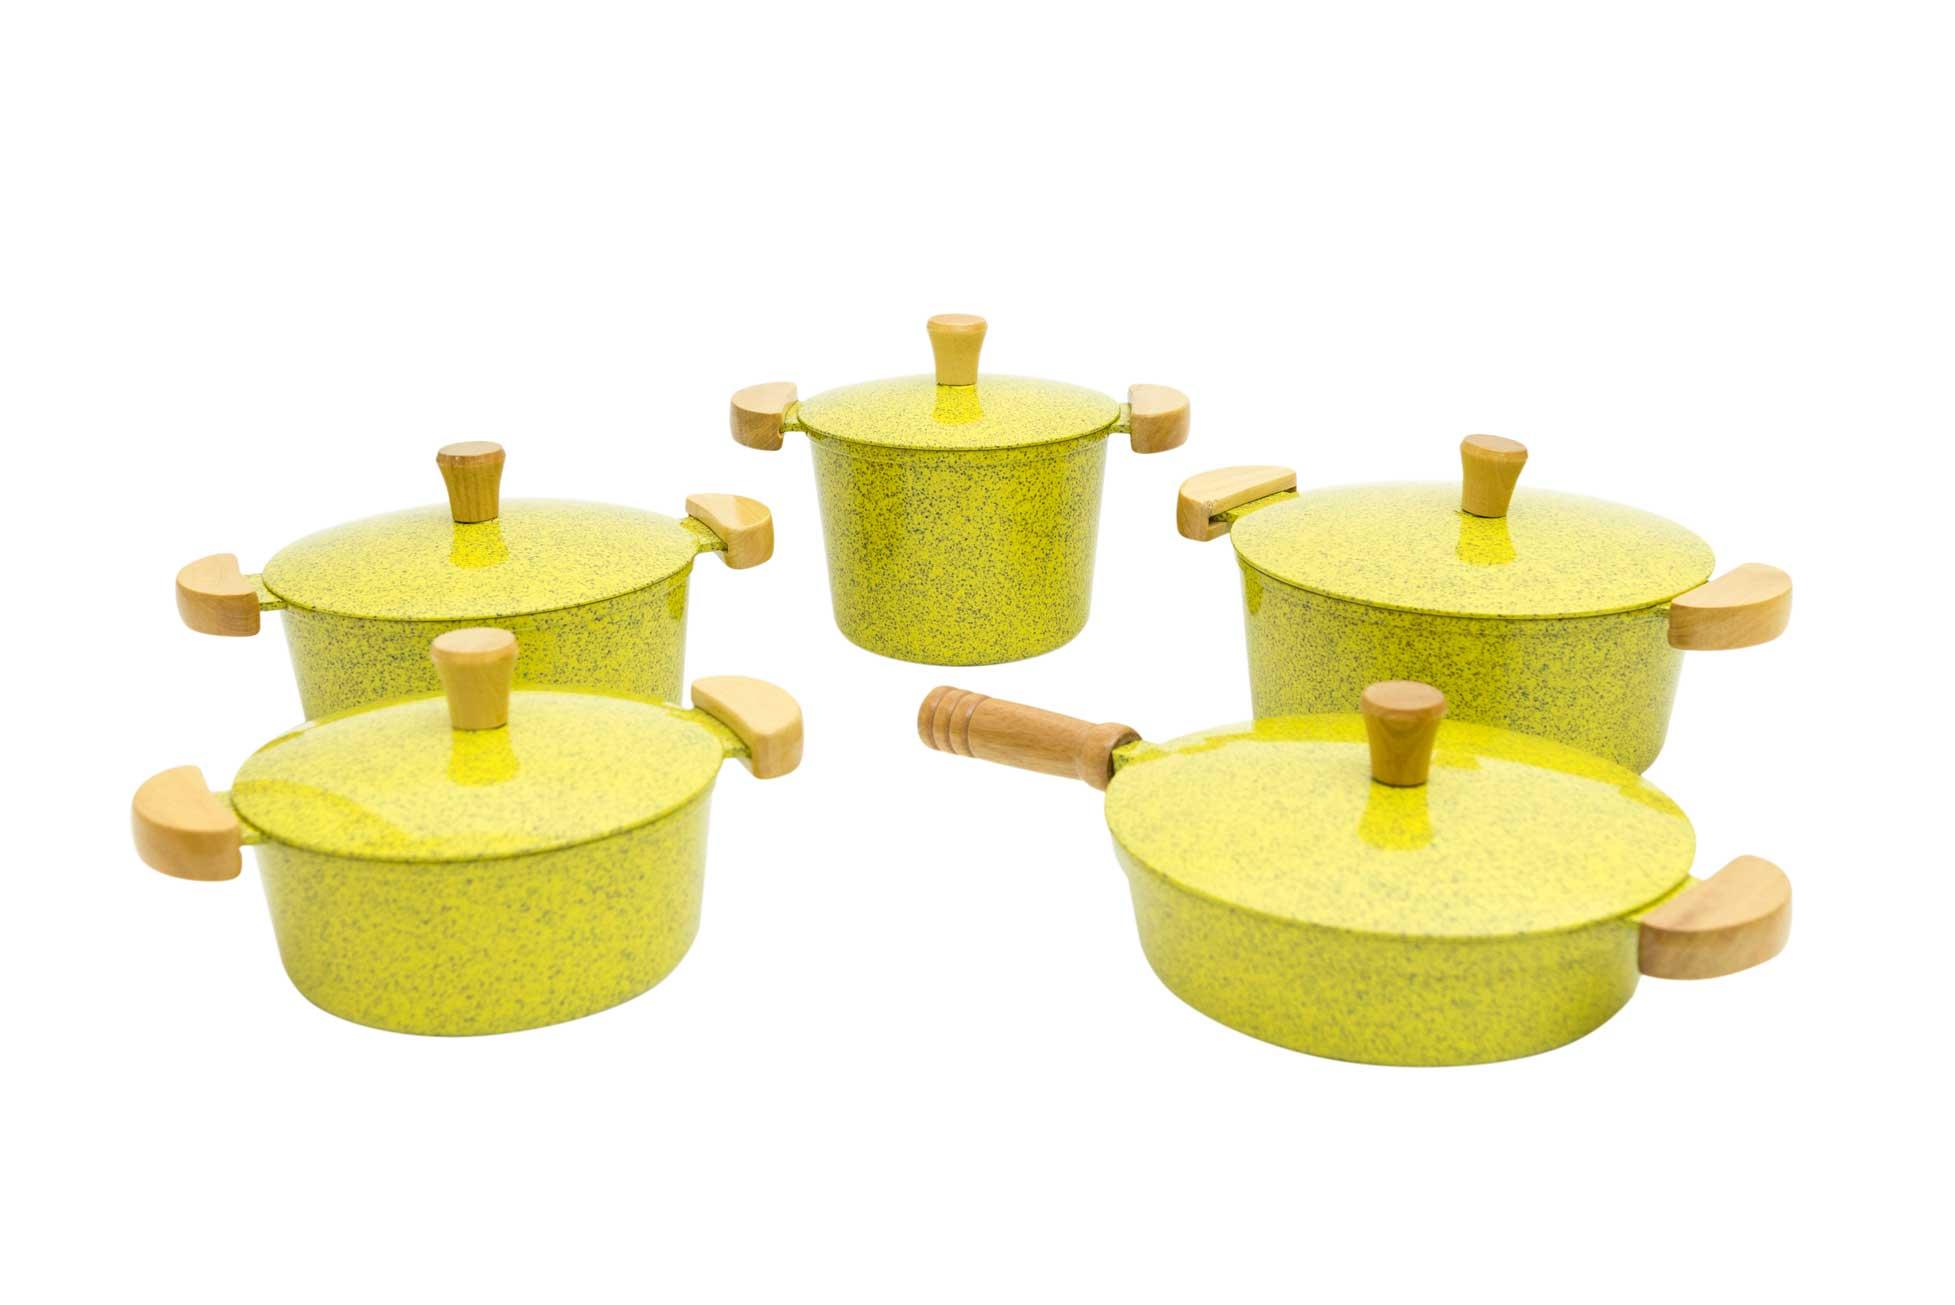 Jogo de Panelas em Alumínio Batido com Frigideira e Caldeirão - Amarelo Mesclado